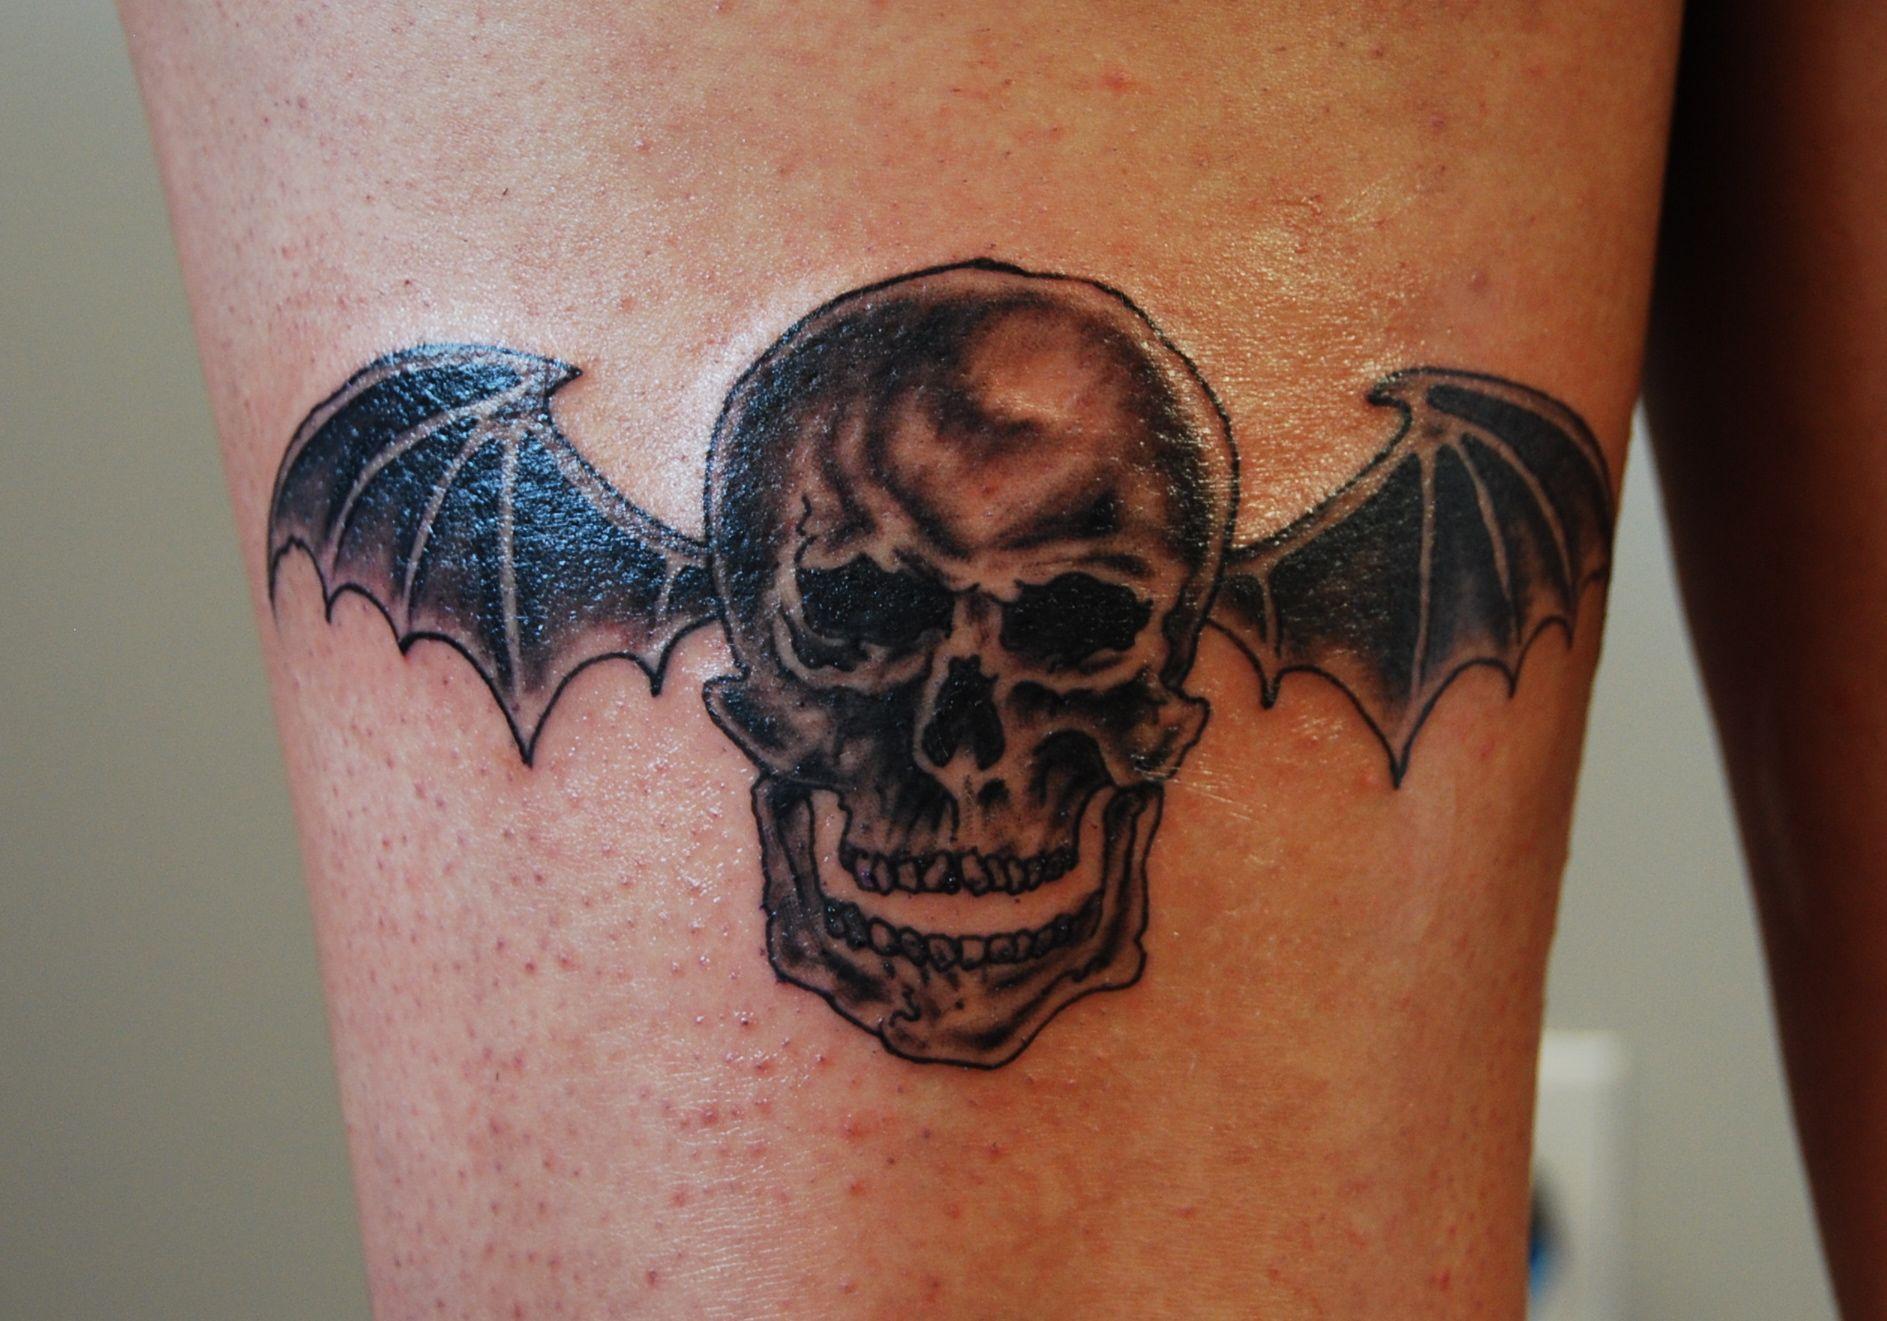 Av av avenged sevenfold tattoo designs - Avenged Sevenfold Logo